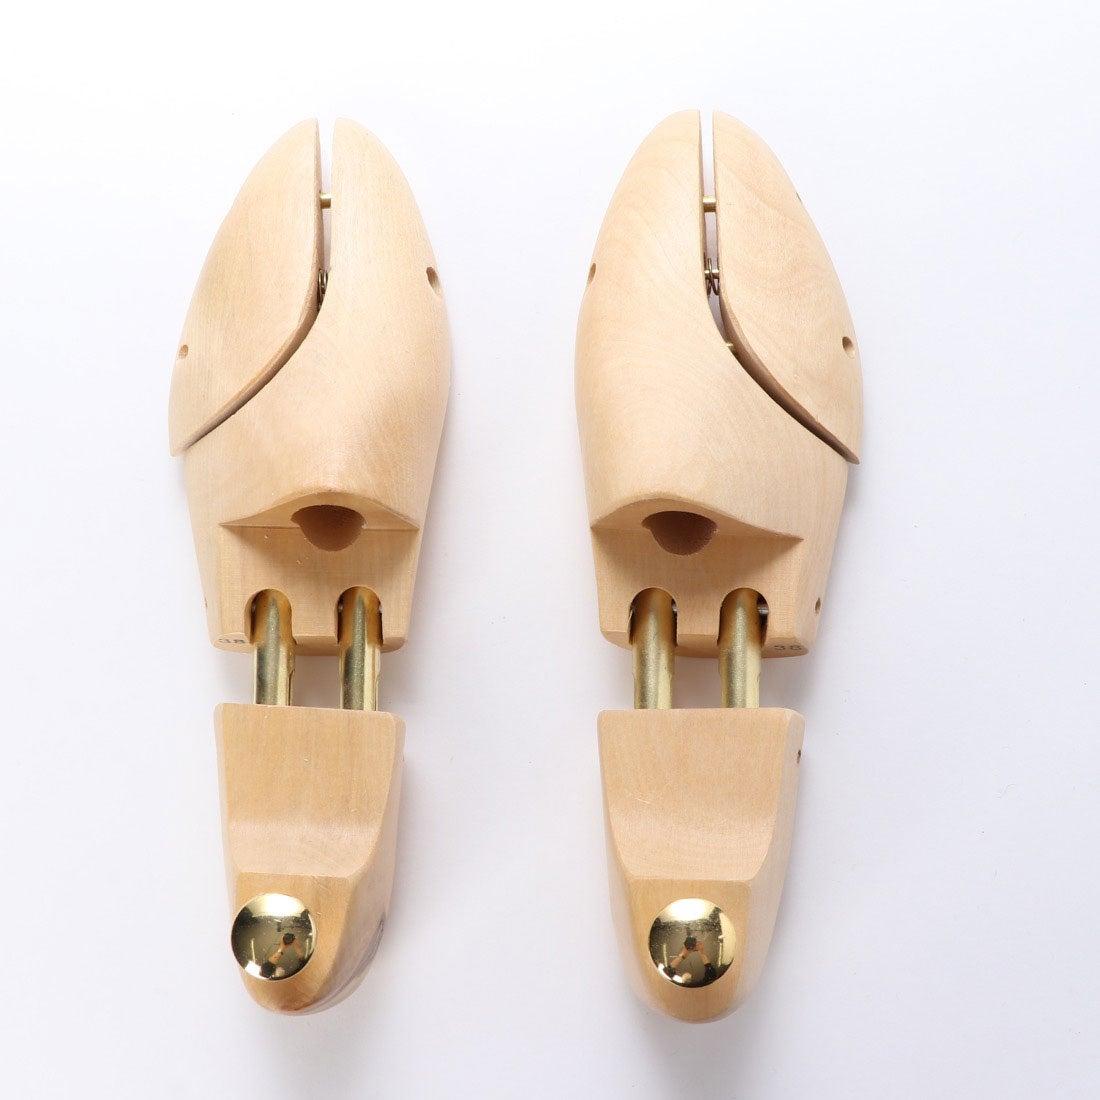 ロコンド 靴とファッションの通販サイトキングヤード KING YARD KINGYARD ツインチューブ #38 23-23.5cm (ニュートラル)